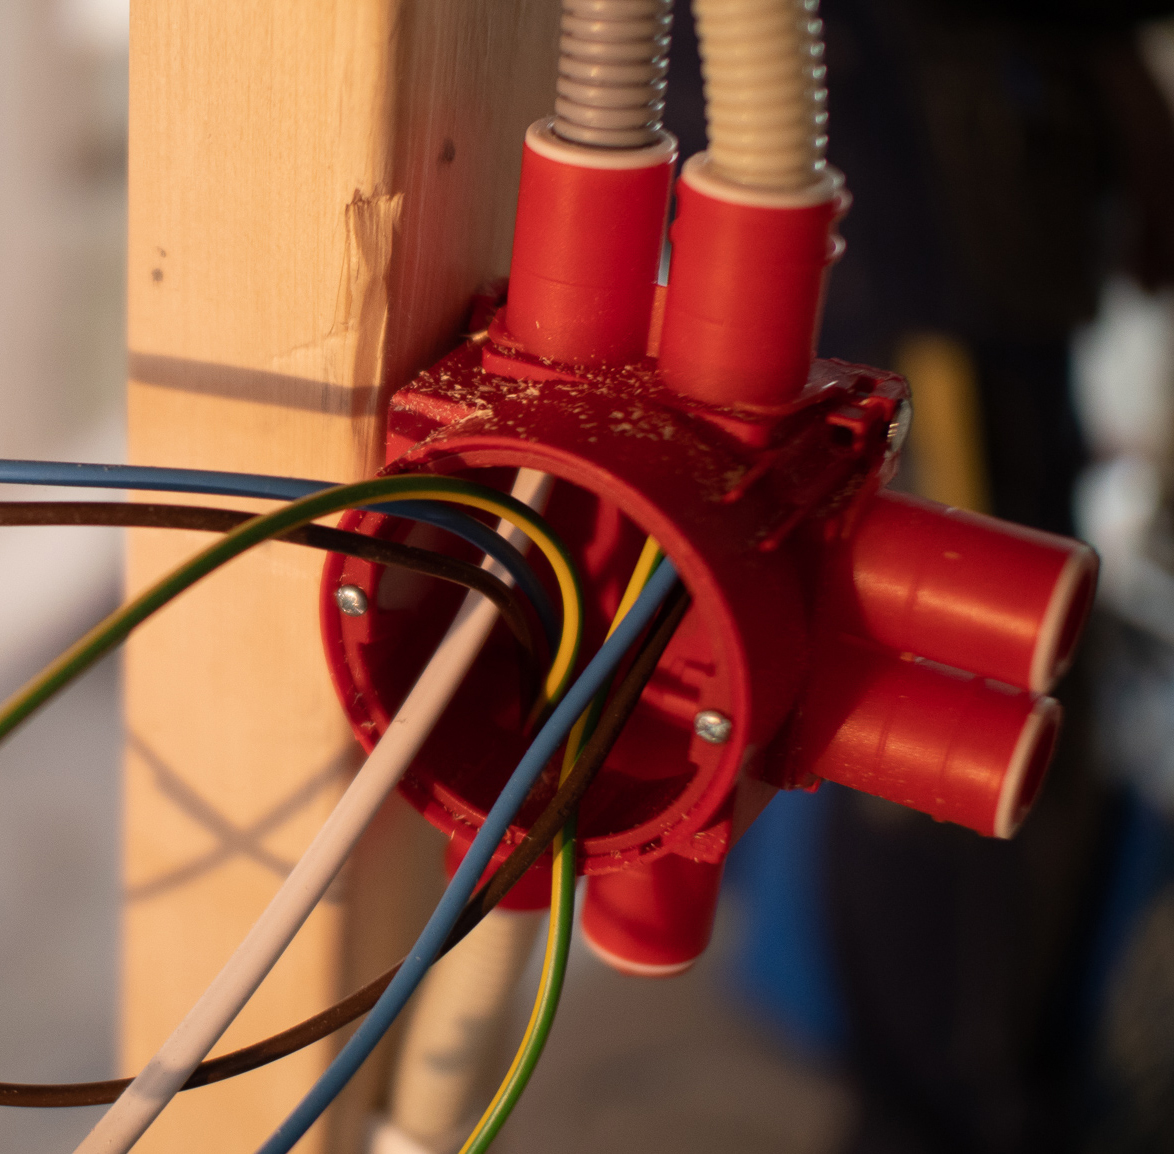 kontaktboks montert på stender